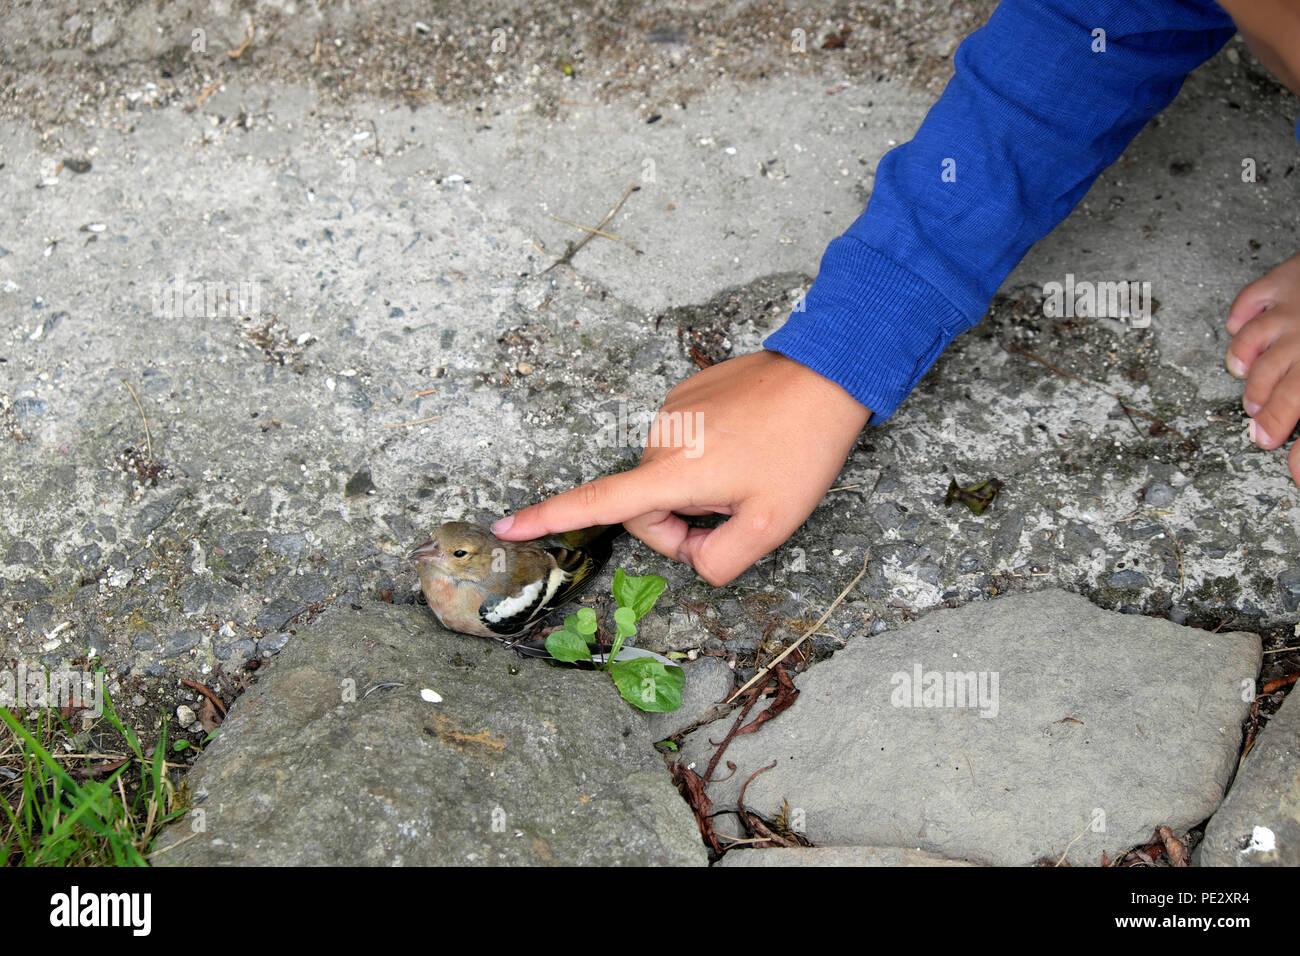 Golpe de mano del niño pinzón bird sentado aturdido en el suelo tras chocar contra una ventana en Carmarthenshire Gales, Reino Unido. KATHY DEWITT Imagen De Stock